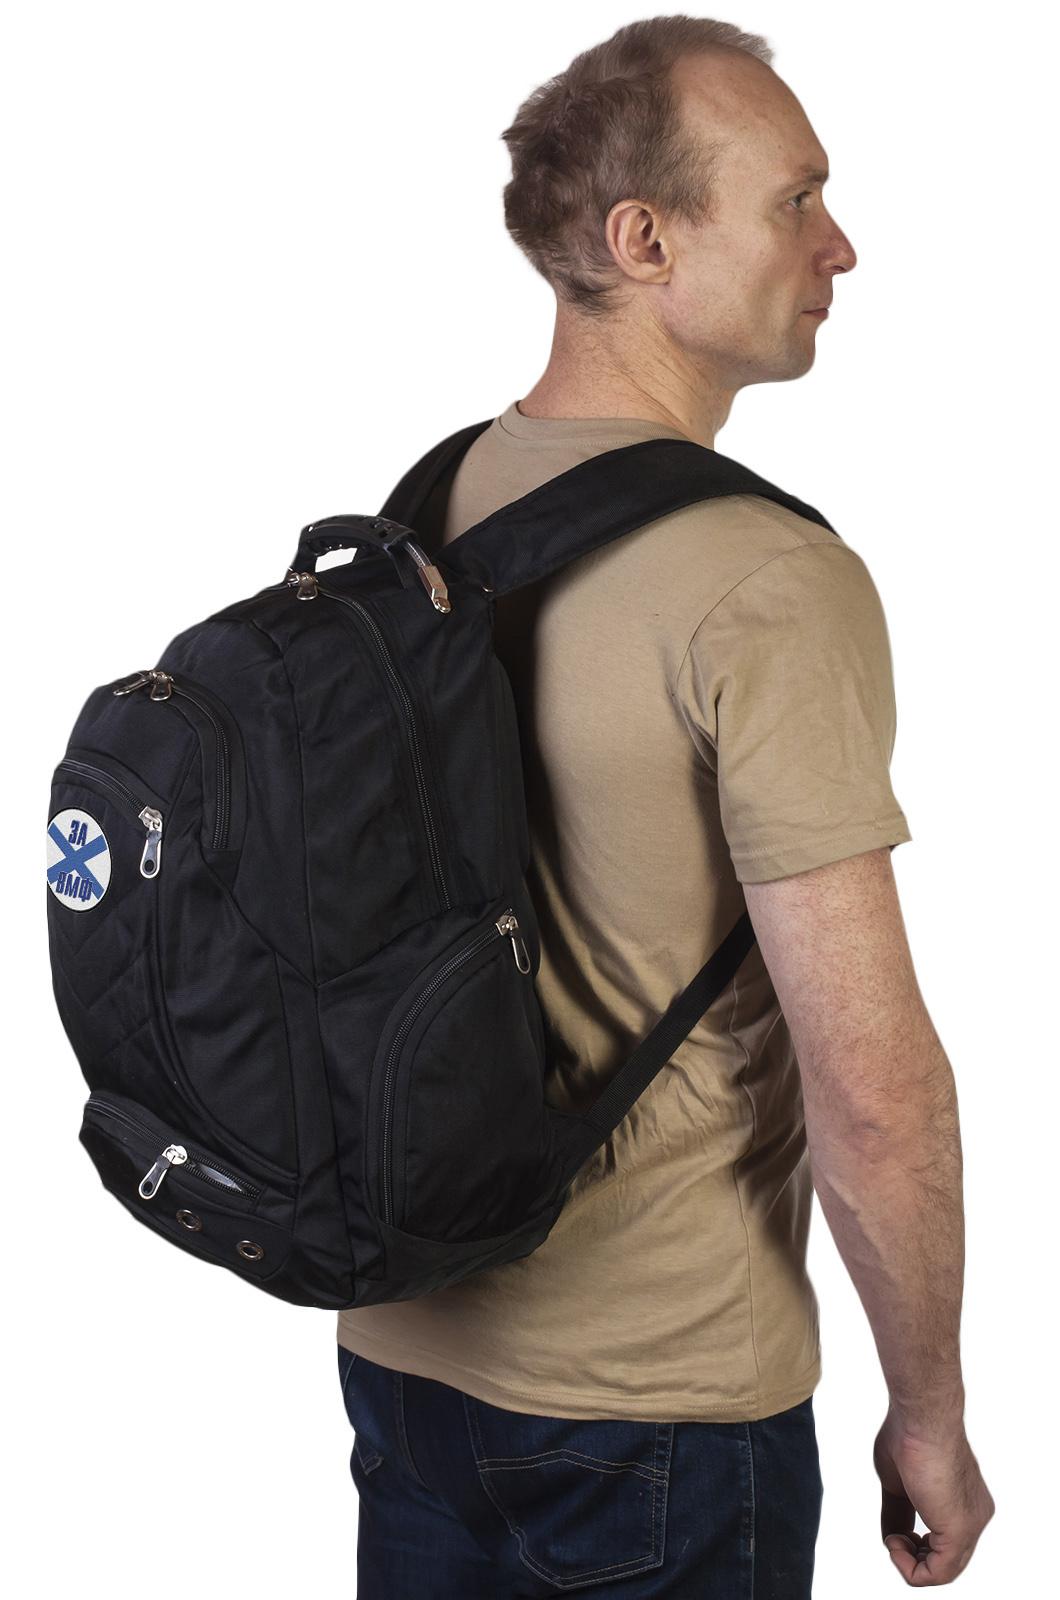 Заказать топовый городской рюкзак с шевроном ЗА ВМФ